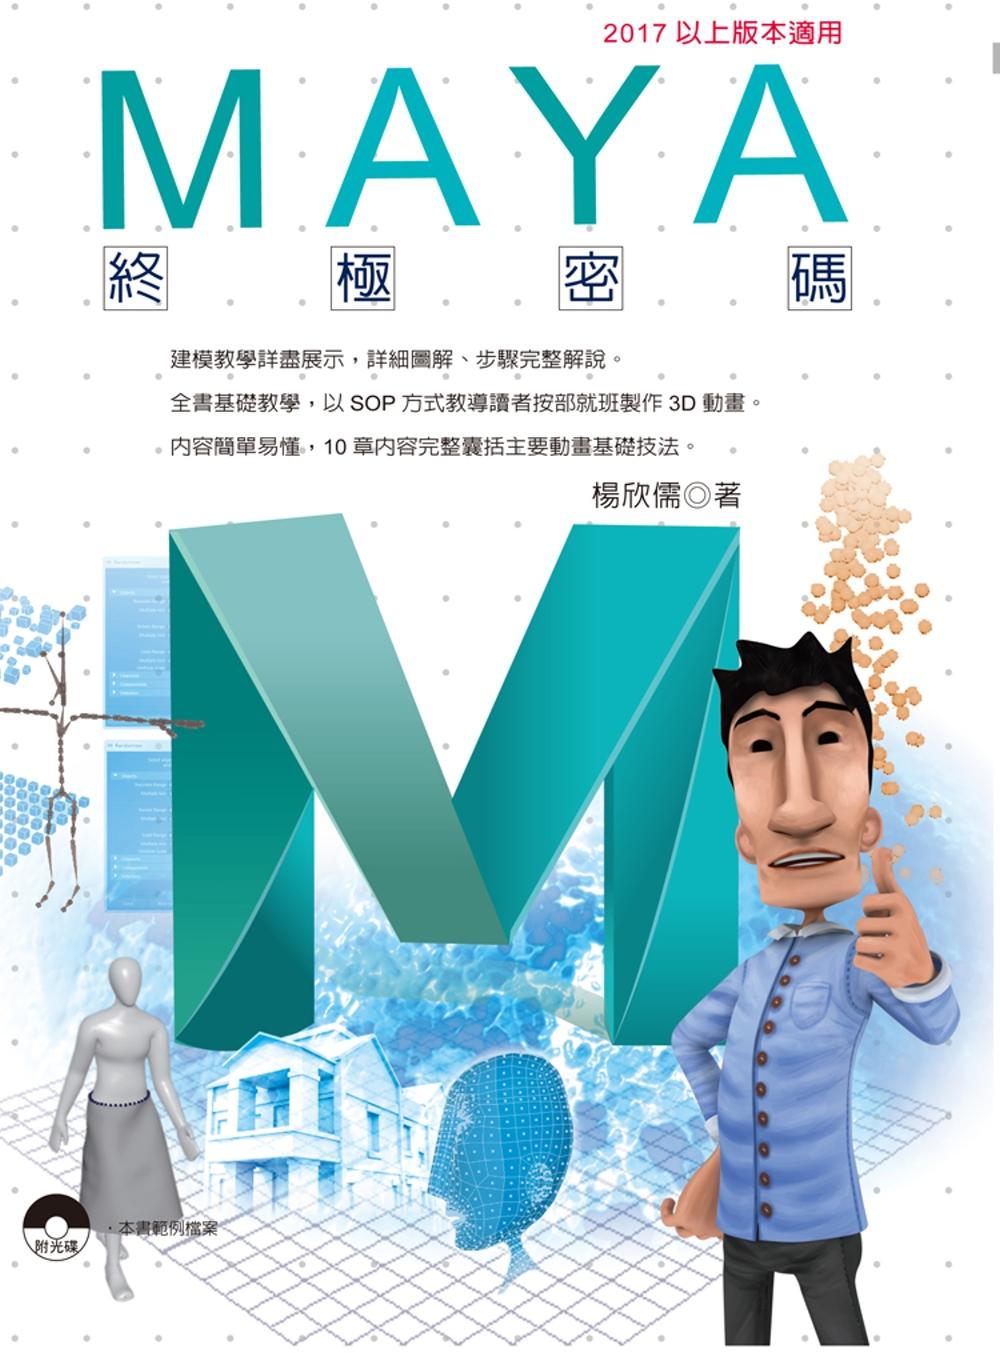 Maya終極密碼:2017以上版本適用